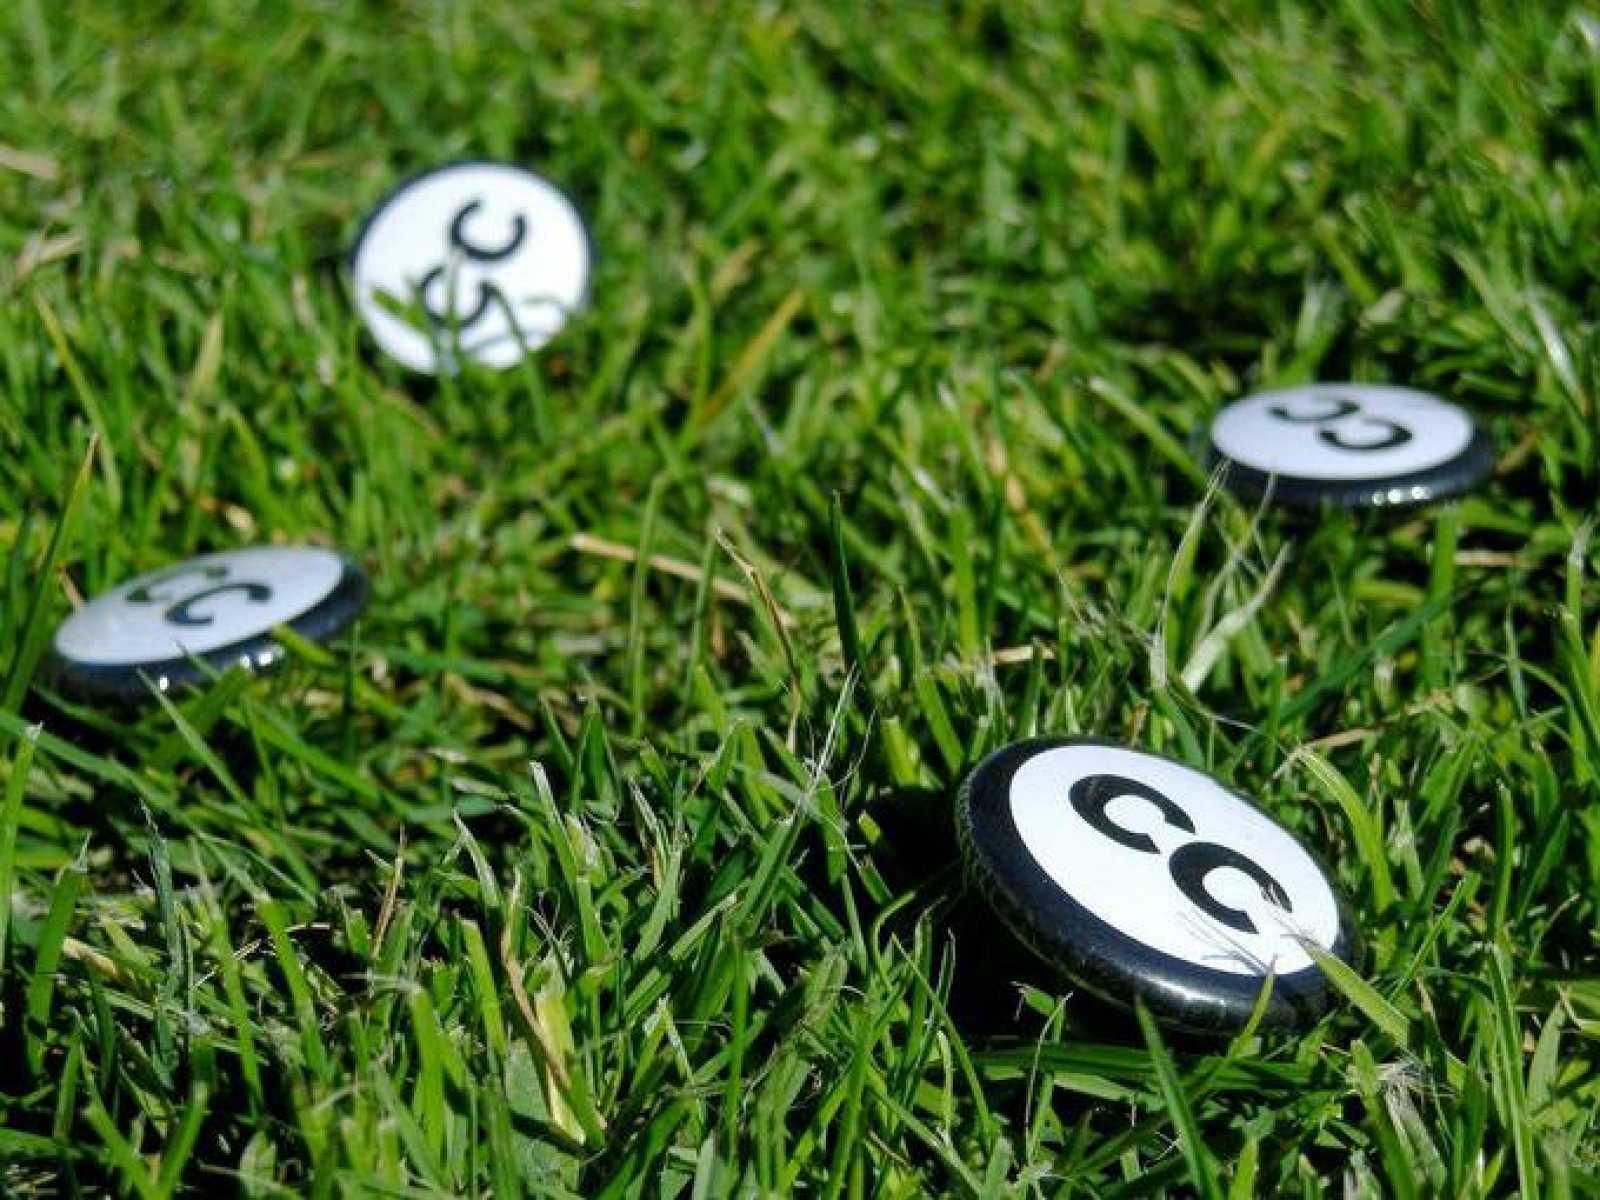 Creative Commons versión 4.0 es mucho más comprensible para el usuario.